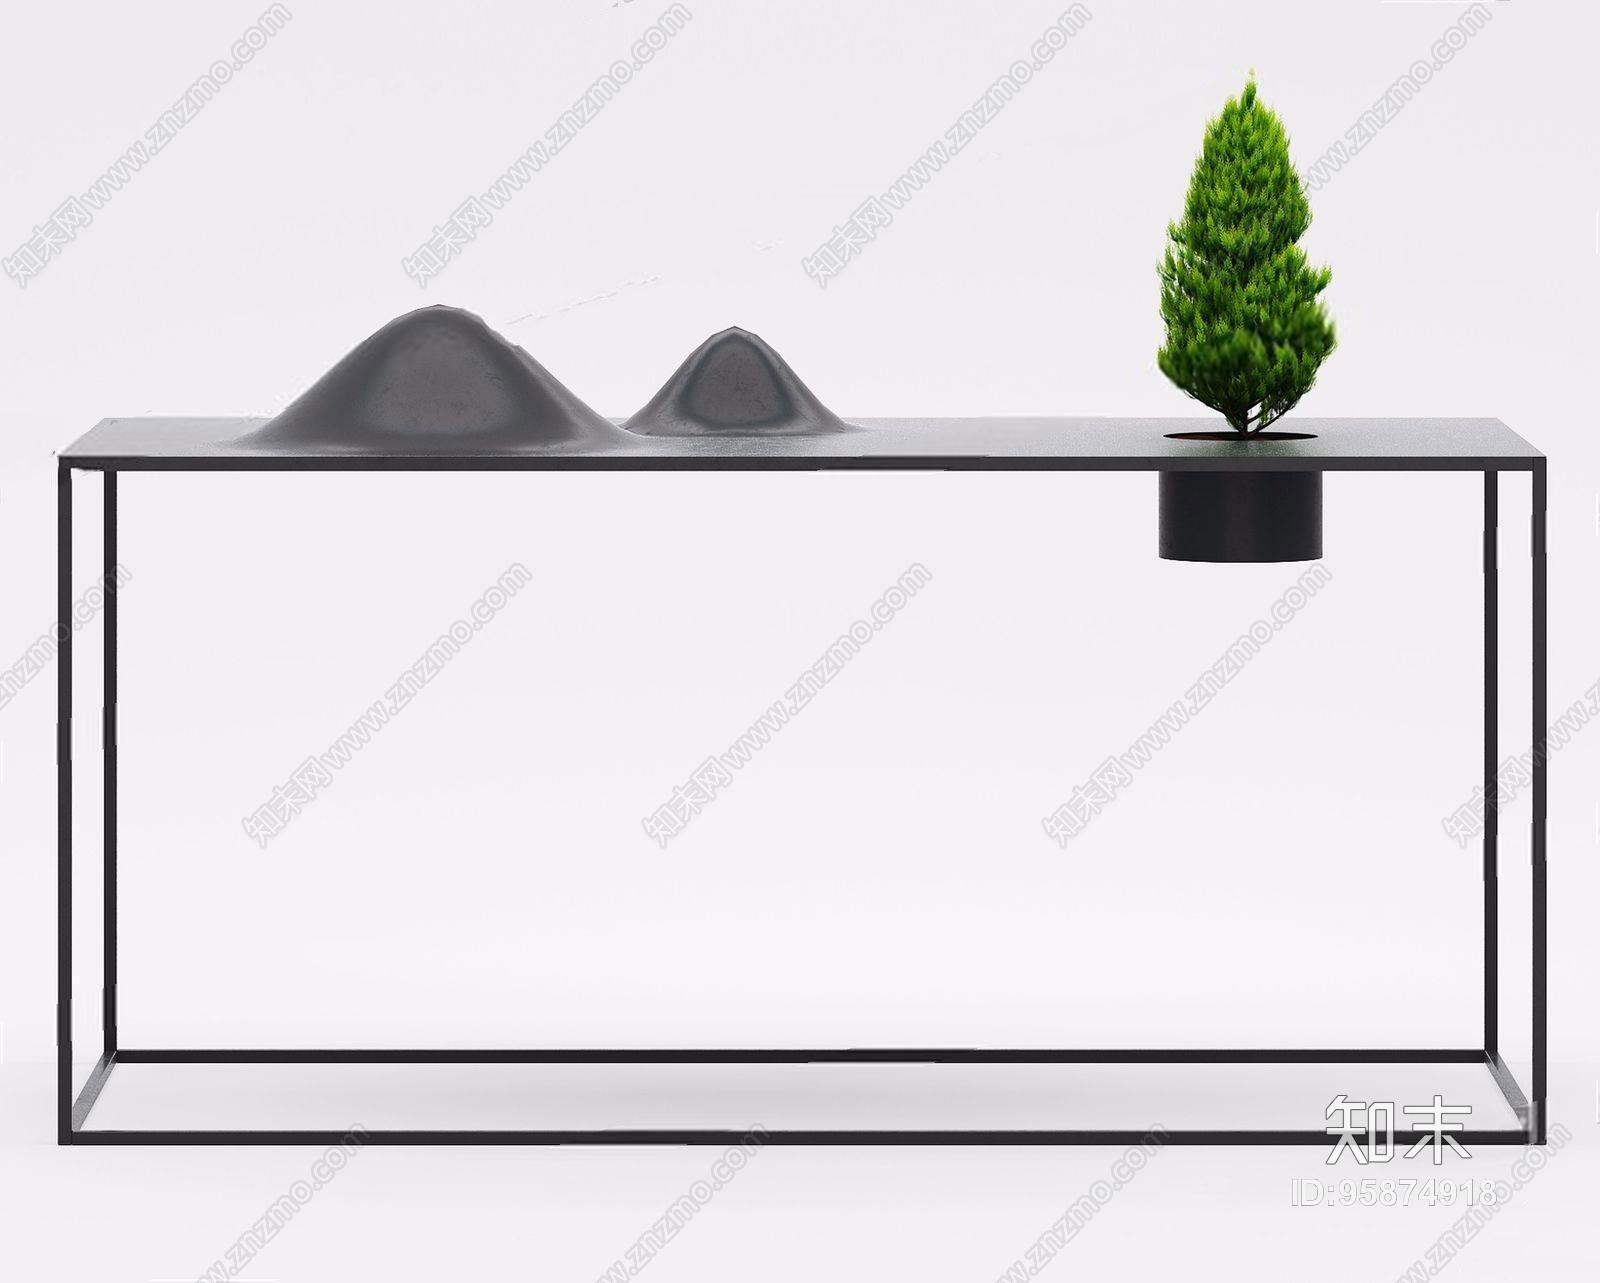 新中式玄关台 新中式玄关台 端景台 摆件 植物 台灯 条案